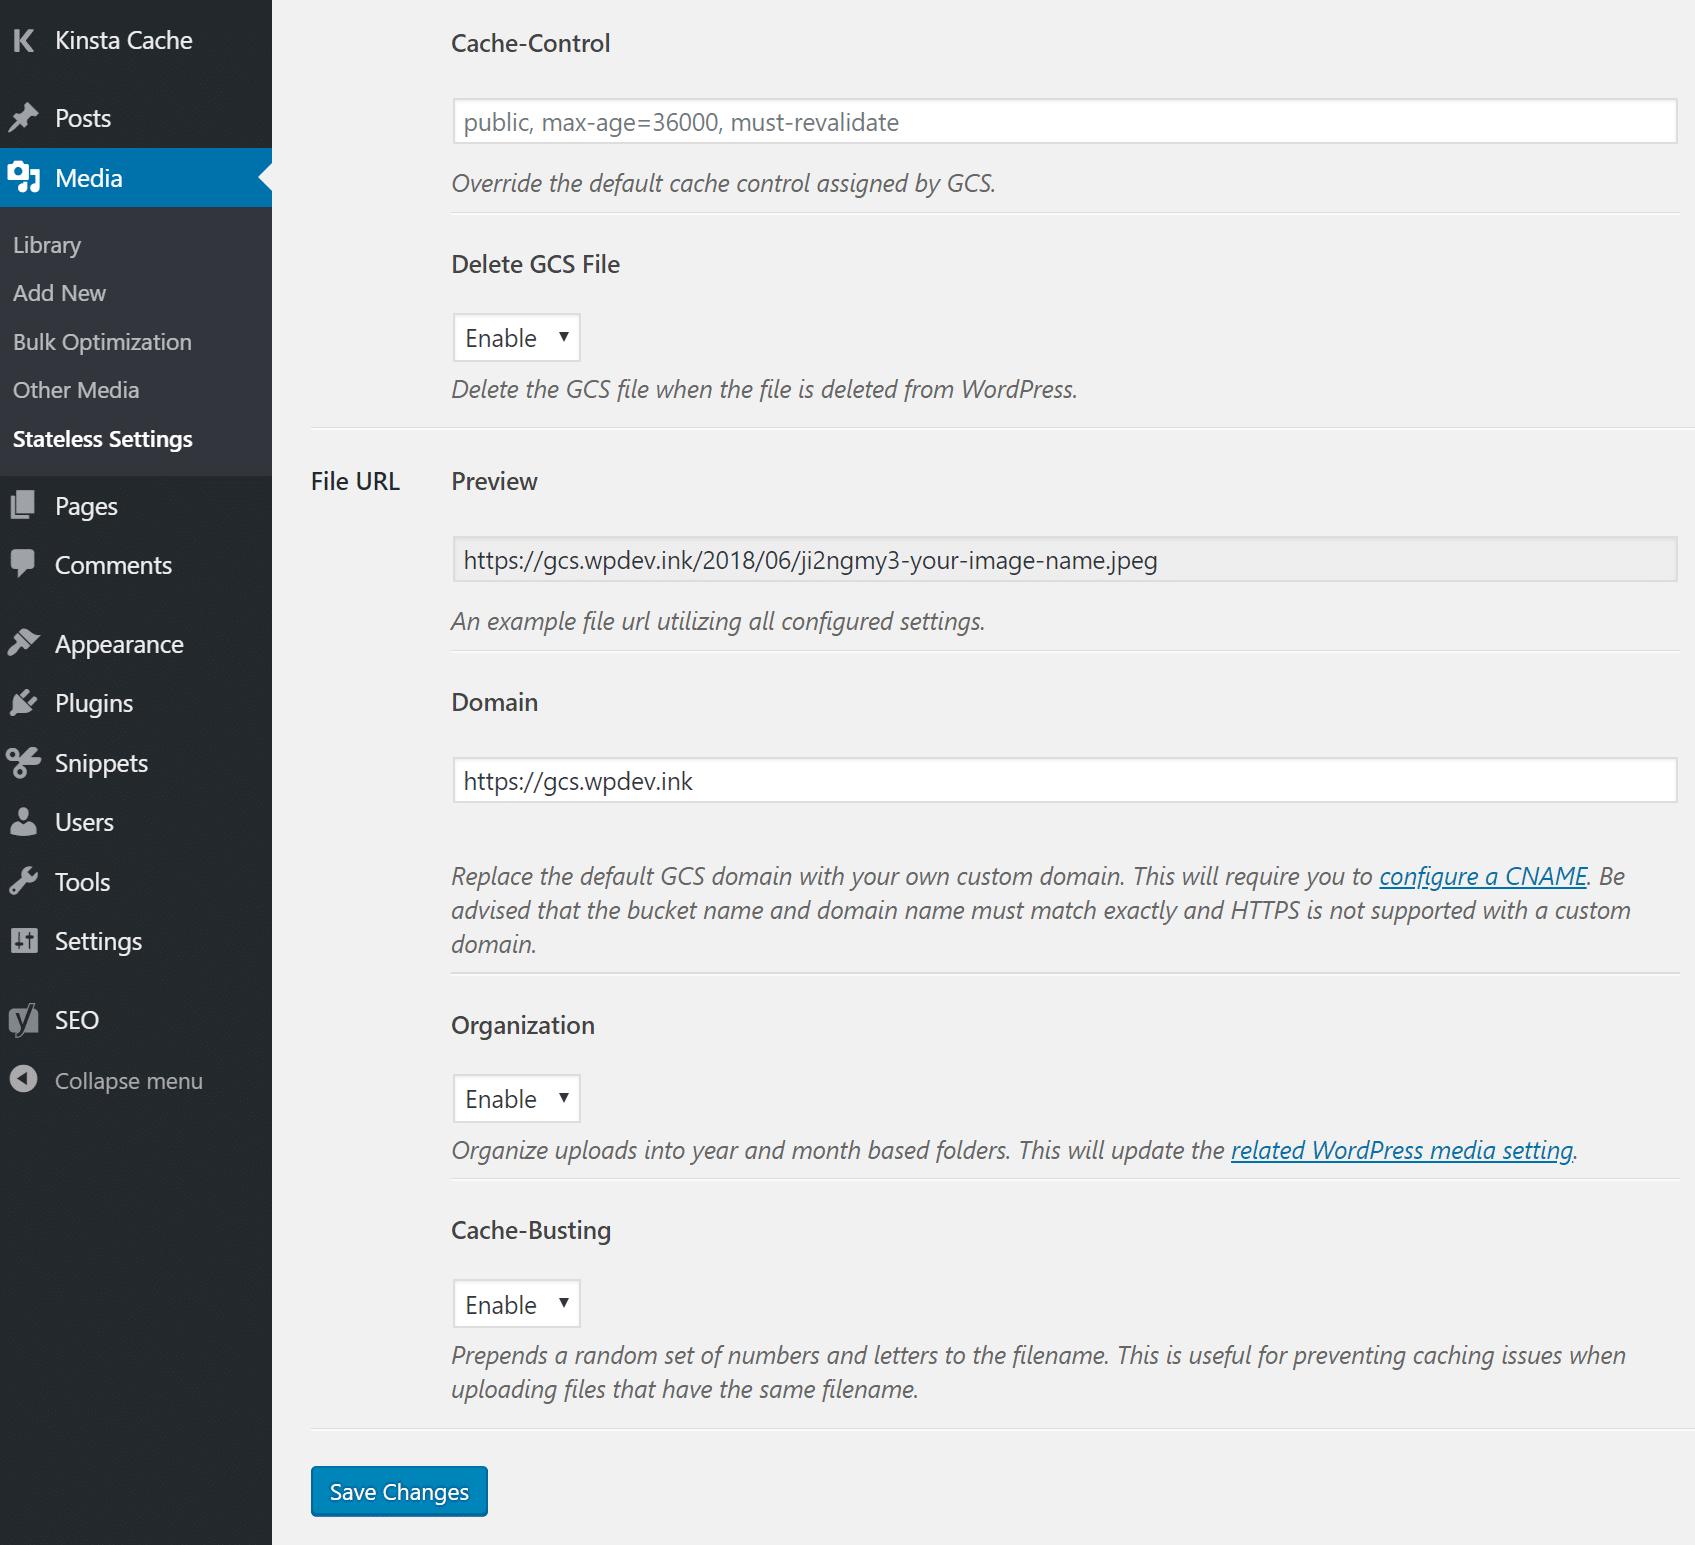 WP-Stateless additional settings